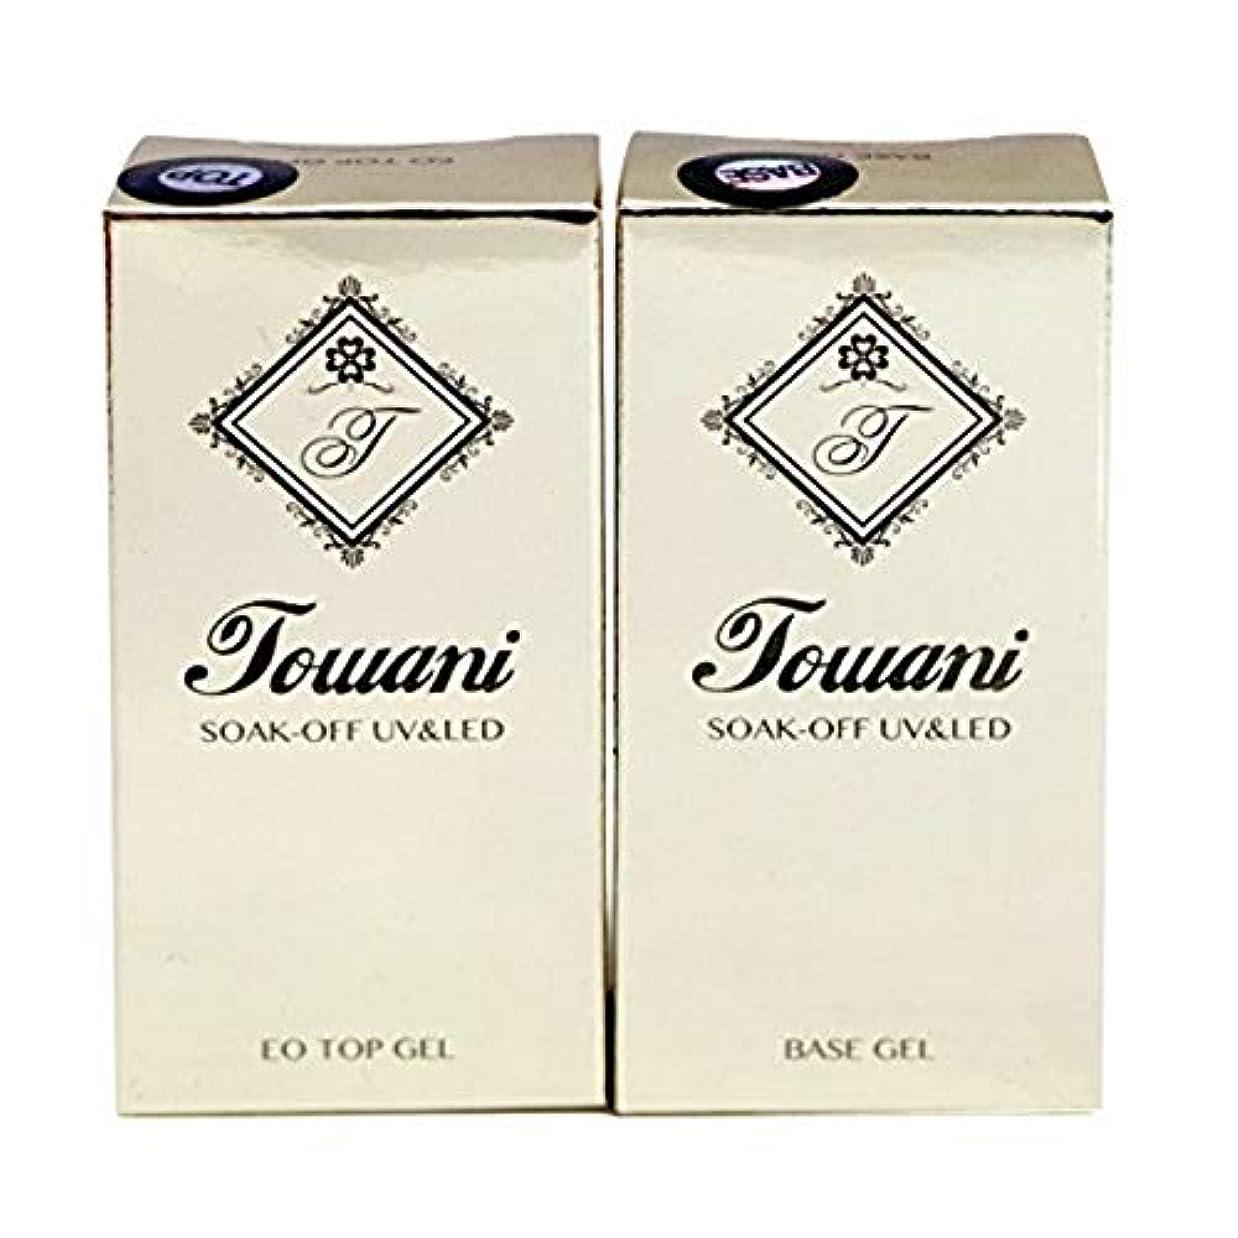 エンドウアレンジオーディション(トワニ) Towani ジェルネイル トップ ベース ジェル セット UV ポリッシュタイプ